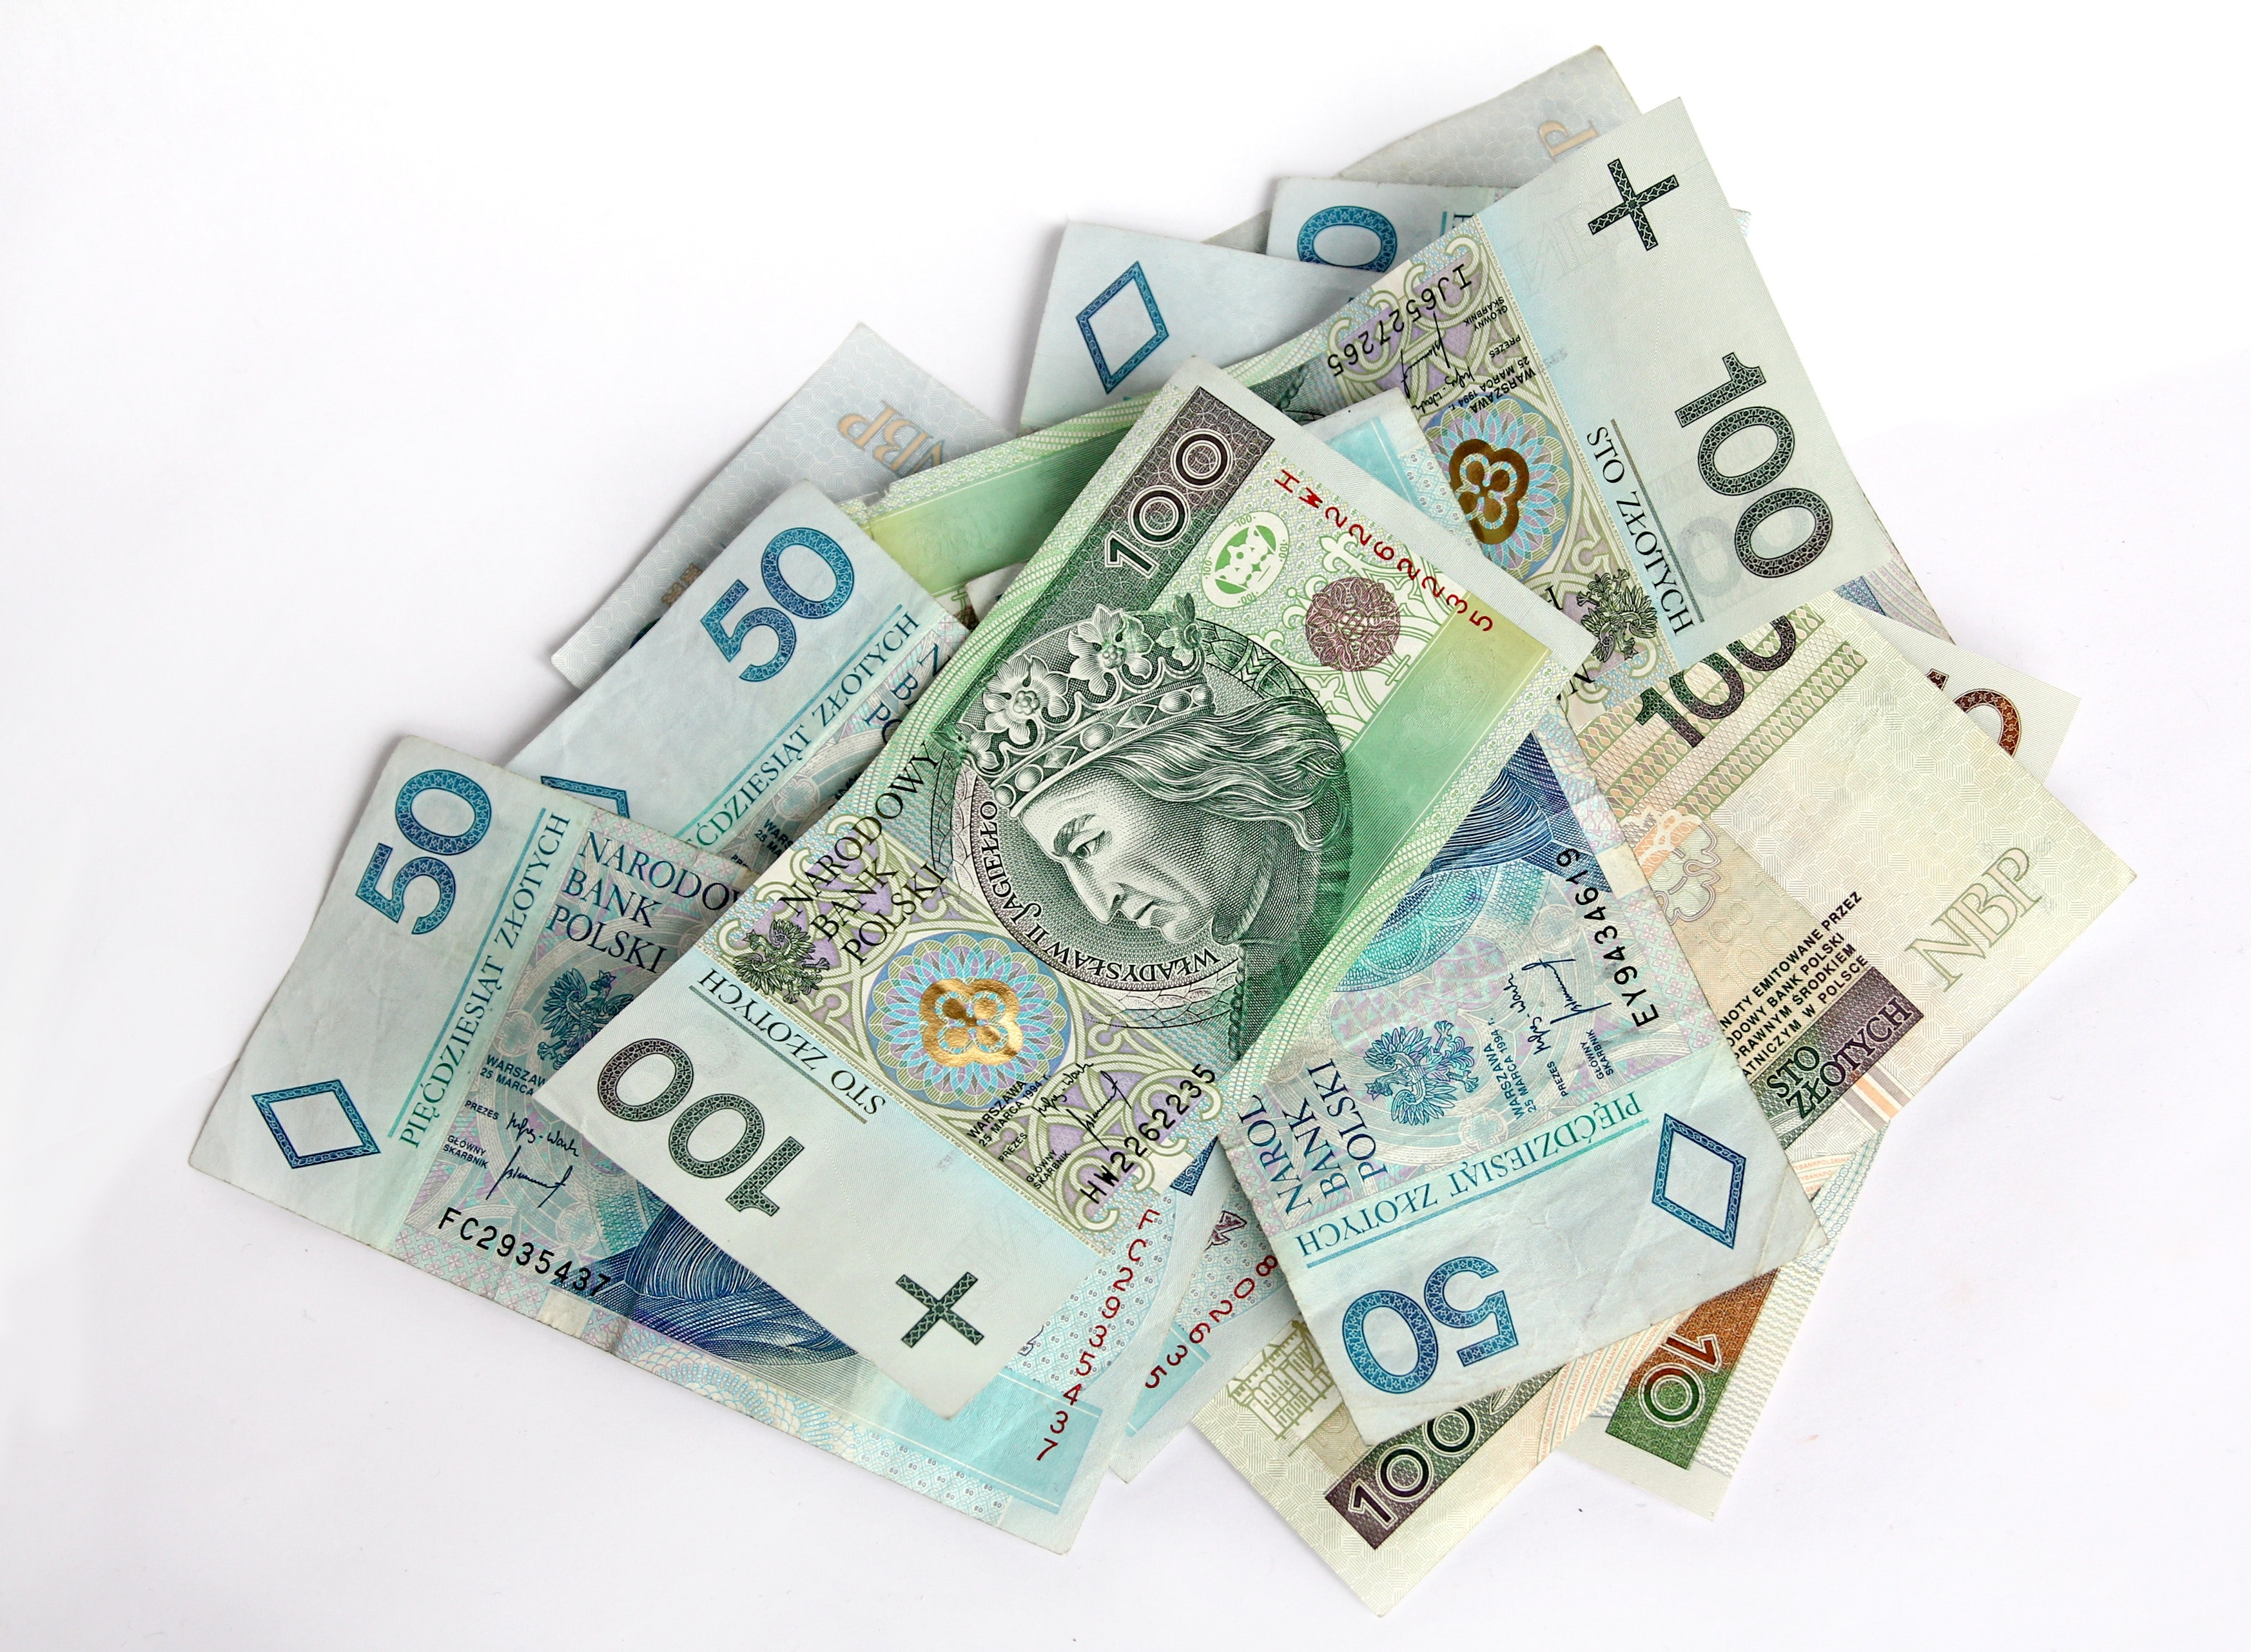 Jakie jest oprocentowanie leasingu?